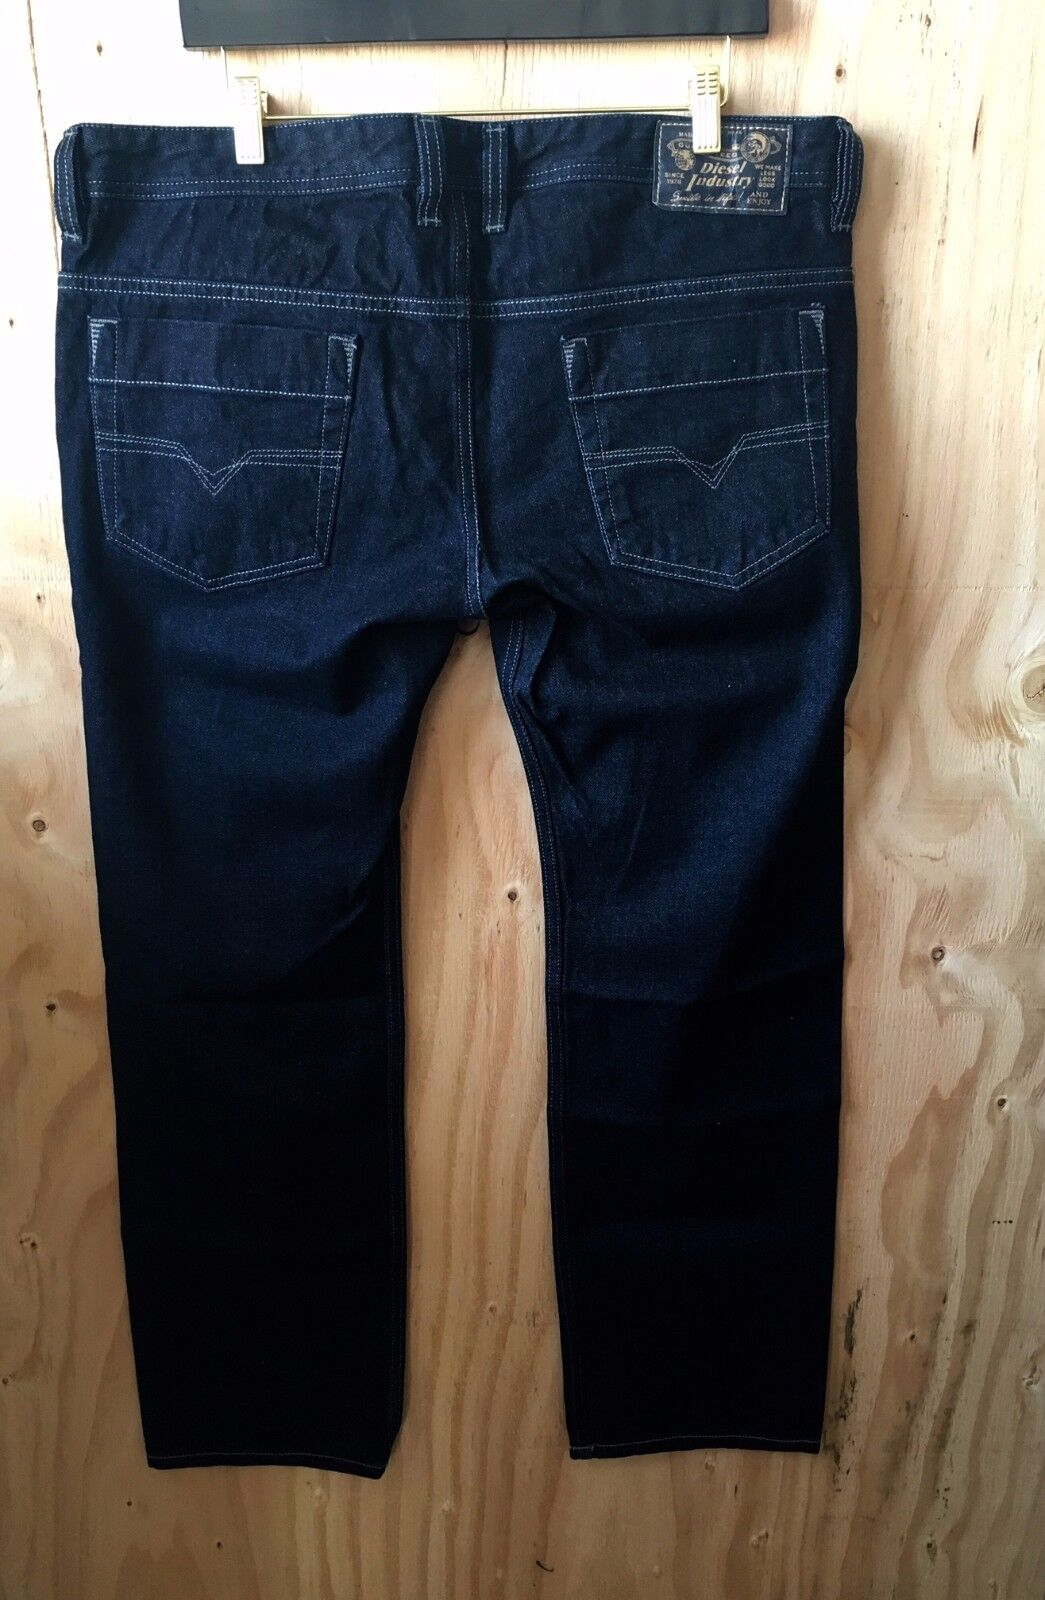 Diesel Uomo Jeans , Safado Diritto Sottile, Orz29 Blu Scuro, S 30 31 32 33 34